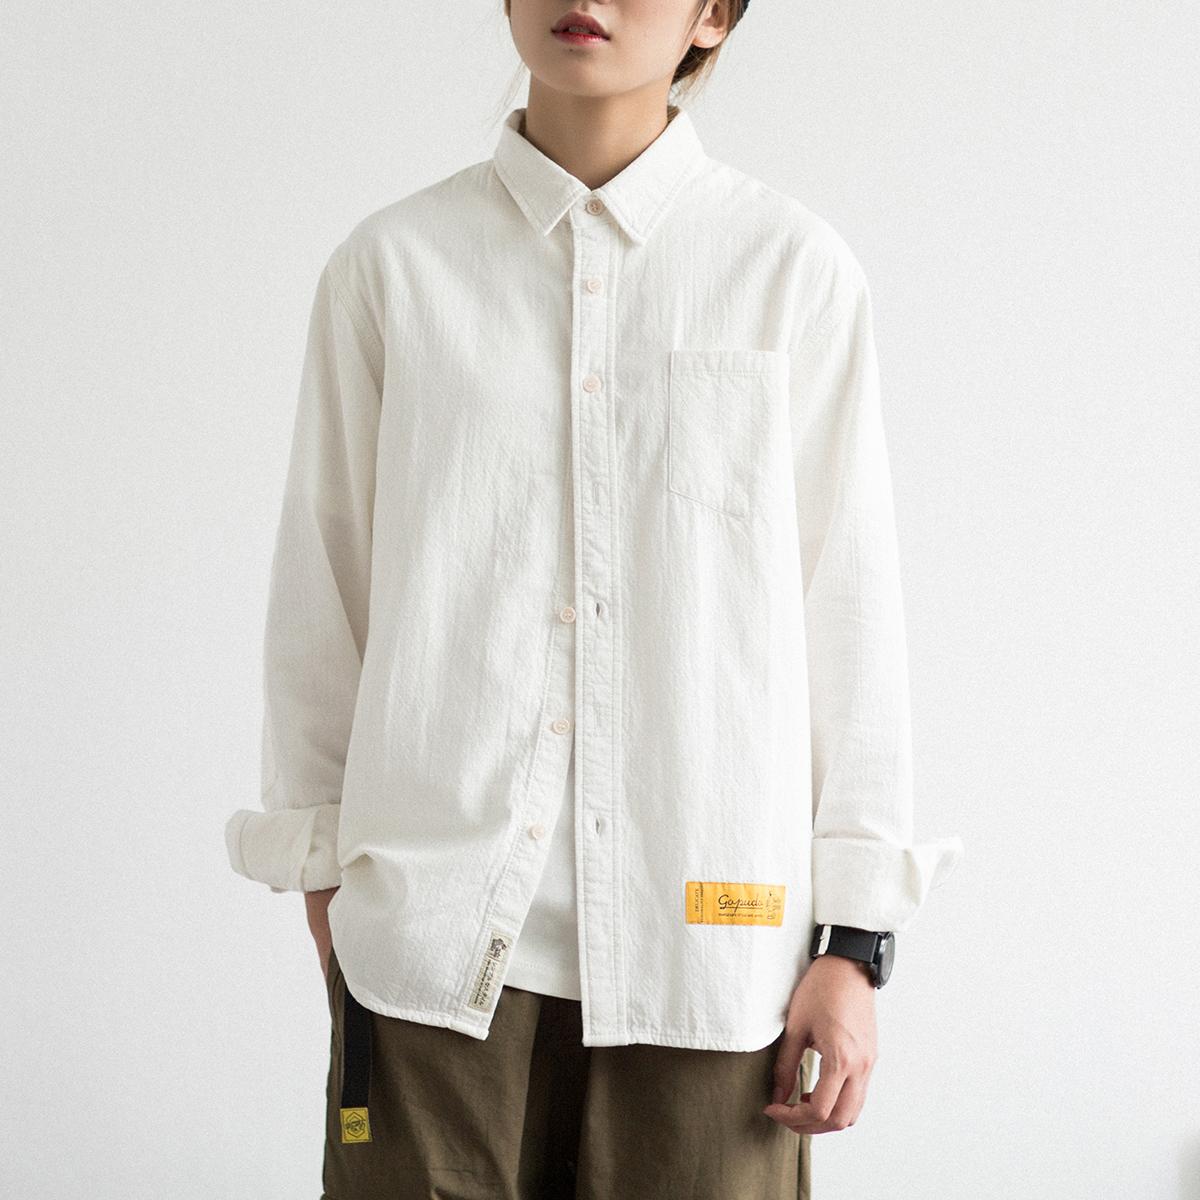 黄色衬衫 EpicSocotra日系文艺纯棉长袖衬衫 男女同款BF风学生春季宽松衬衣_推荐淘宝好看的黄色衬衫